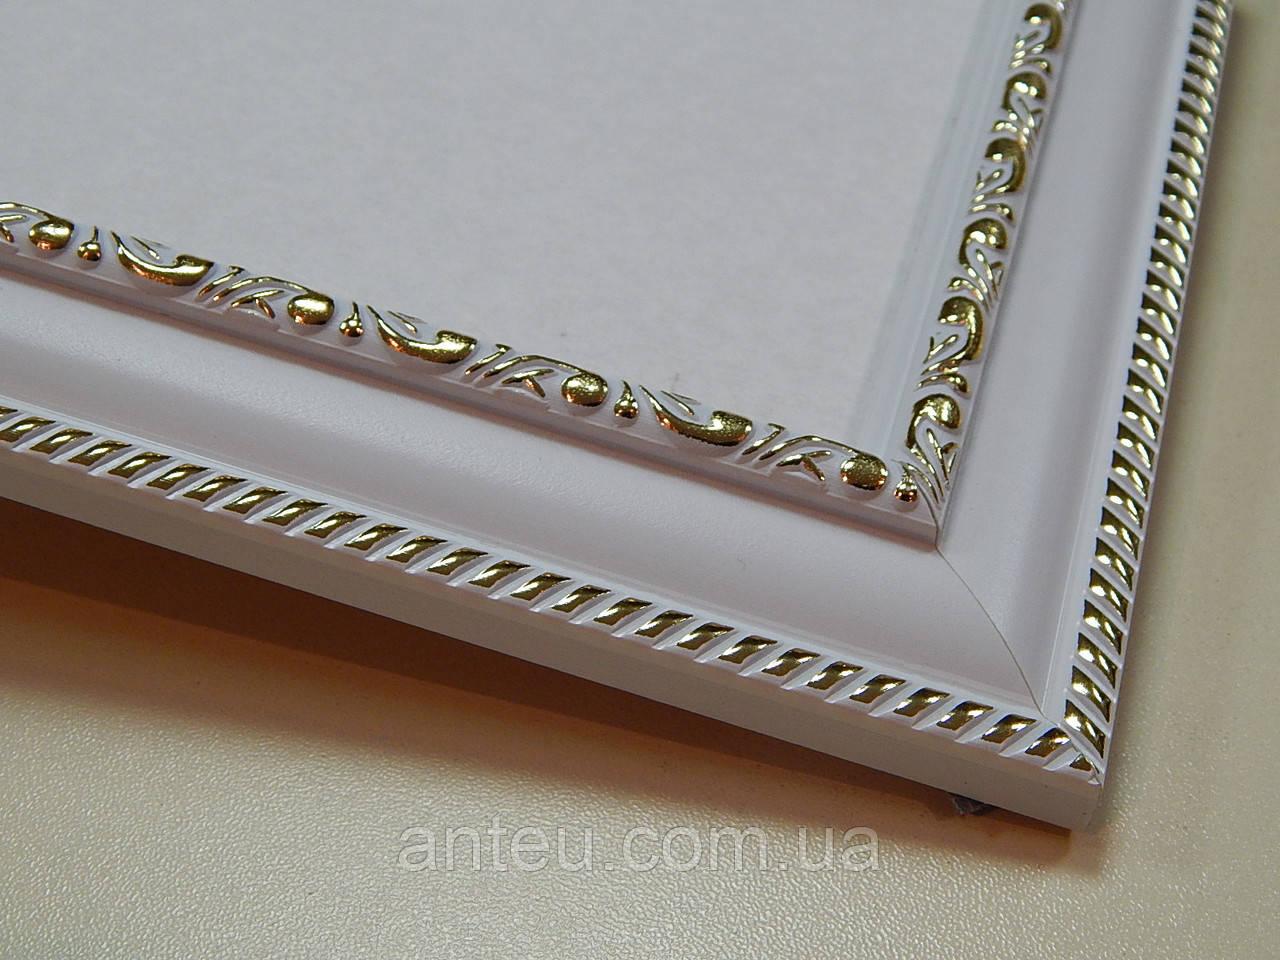 Рамка А4 (210х297).Рамка пластиковая 30 мм.Белая с орнаментом.